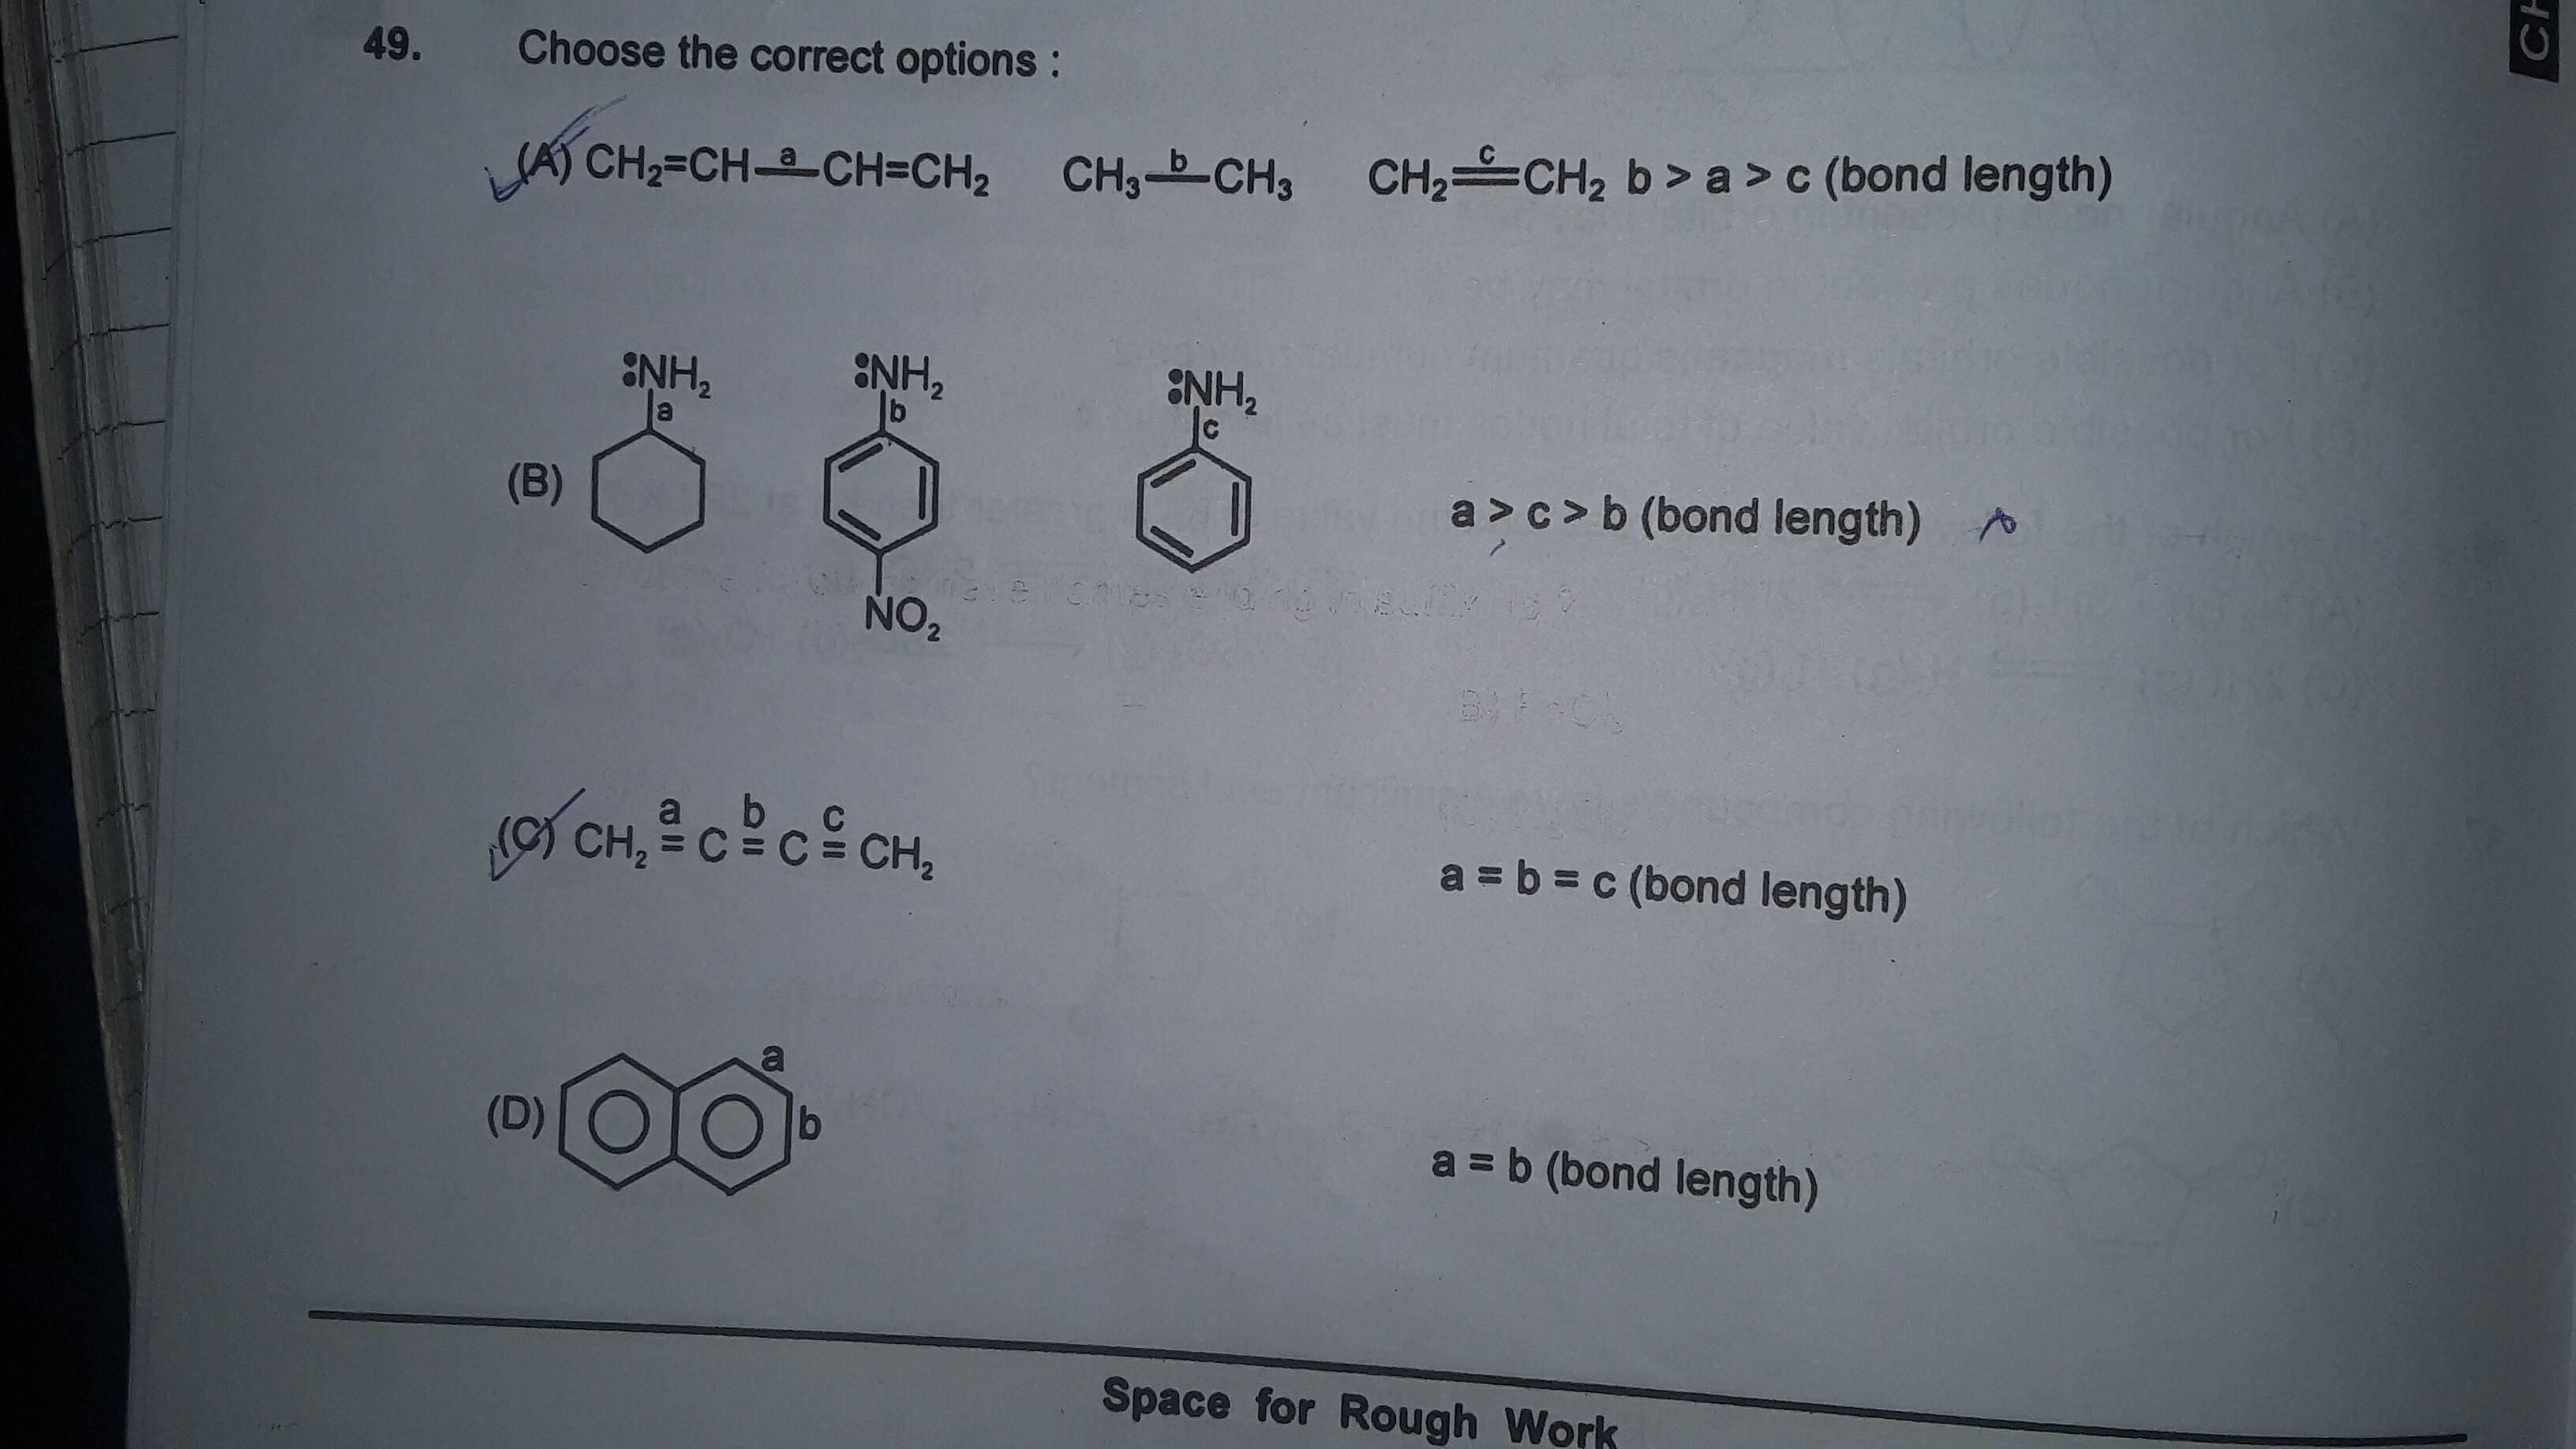 Comparison Of Bond Length